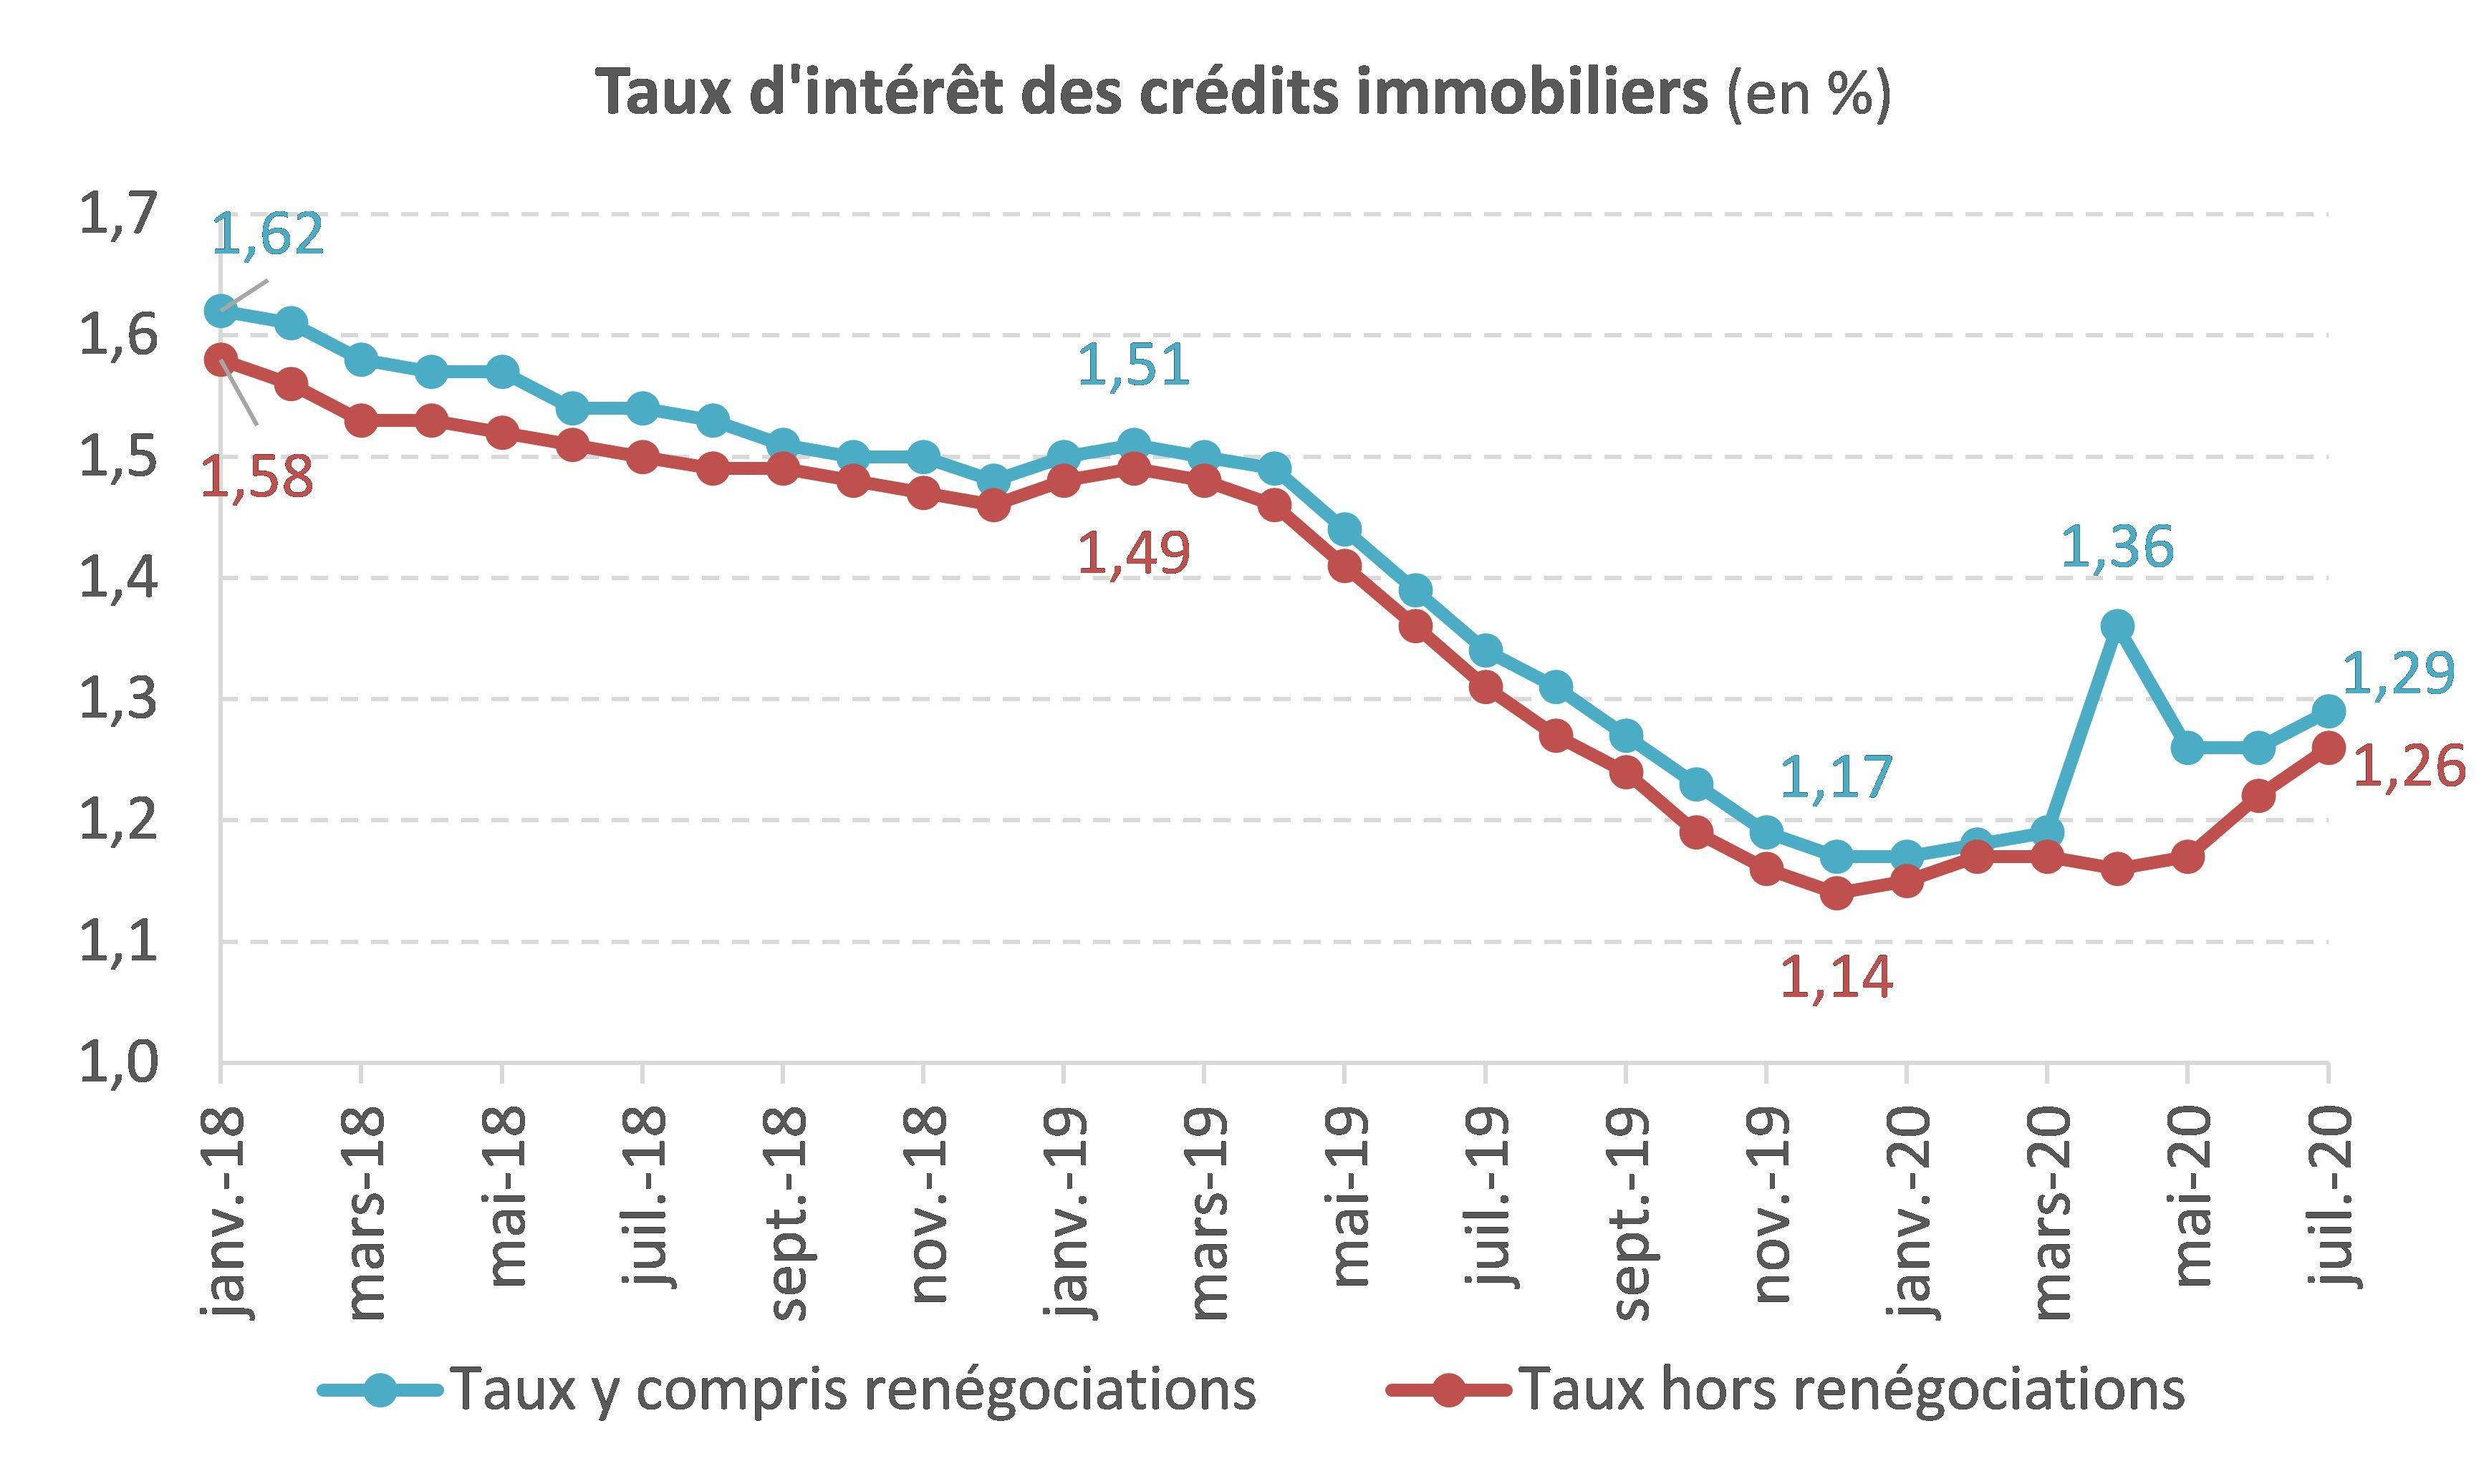 Les taux de crédit immobiliers se maintiennent mais durcissement des conditions d'octroi